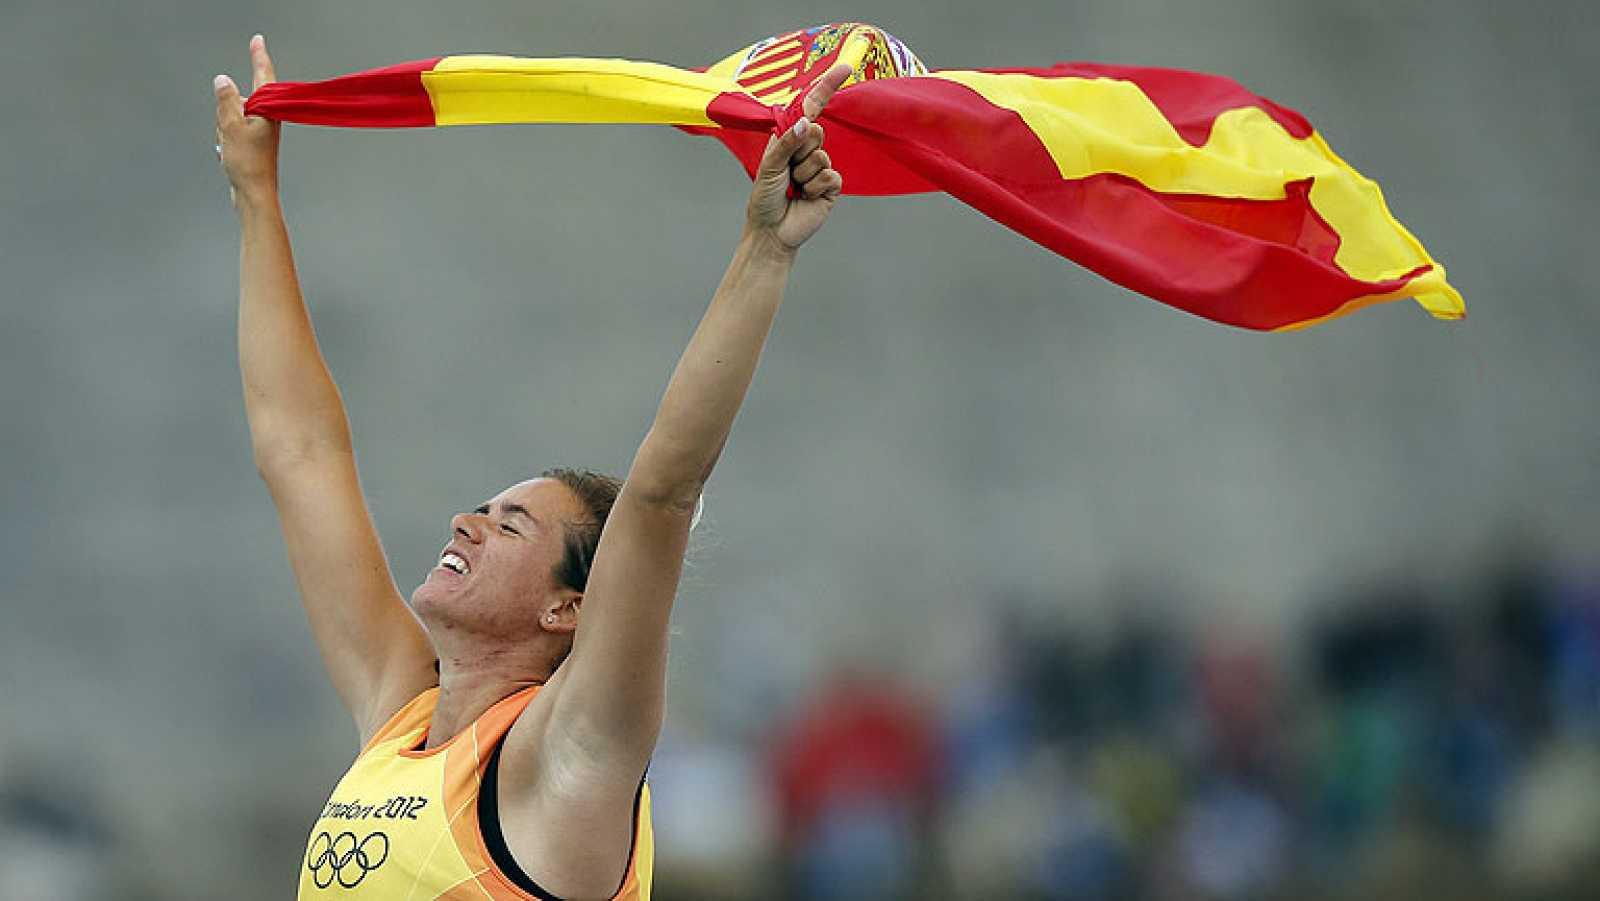 La española Marina Alabau ha conquistado el oro en windsurf en los Juegos Olímpicos de Londres 2012, tras gestionar la ventaja que consiguió desde la primera regata. Es la primera medalla de oro para España de estos Juegos.